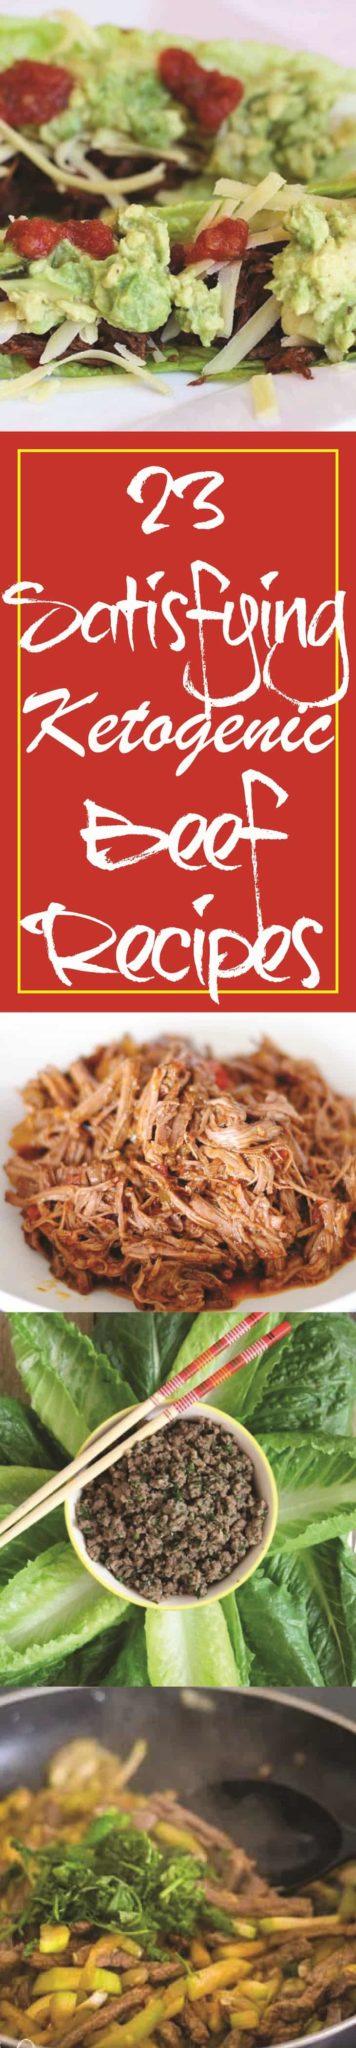 Ketogenic Beef Recipes #paleo #recipes - https://ketosummit.com/ketogenic-beef-recipes/